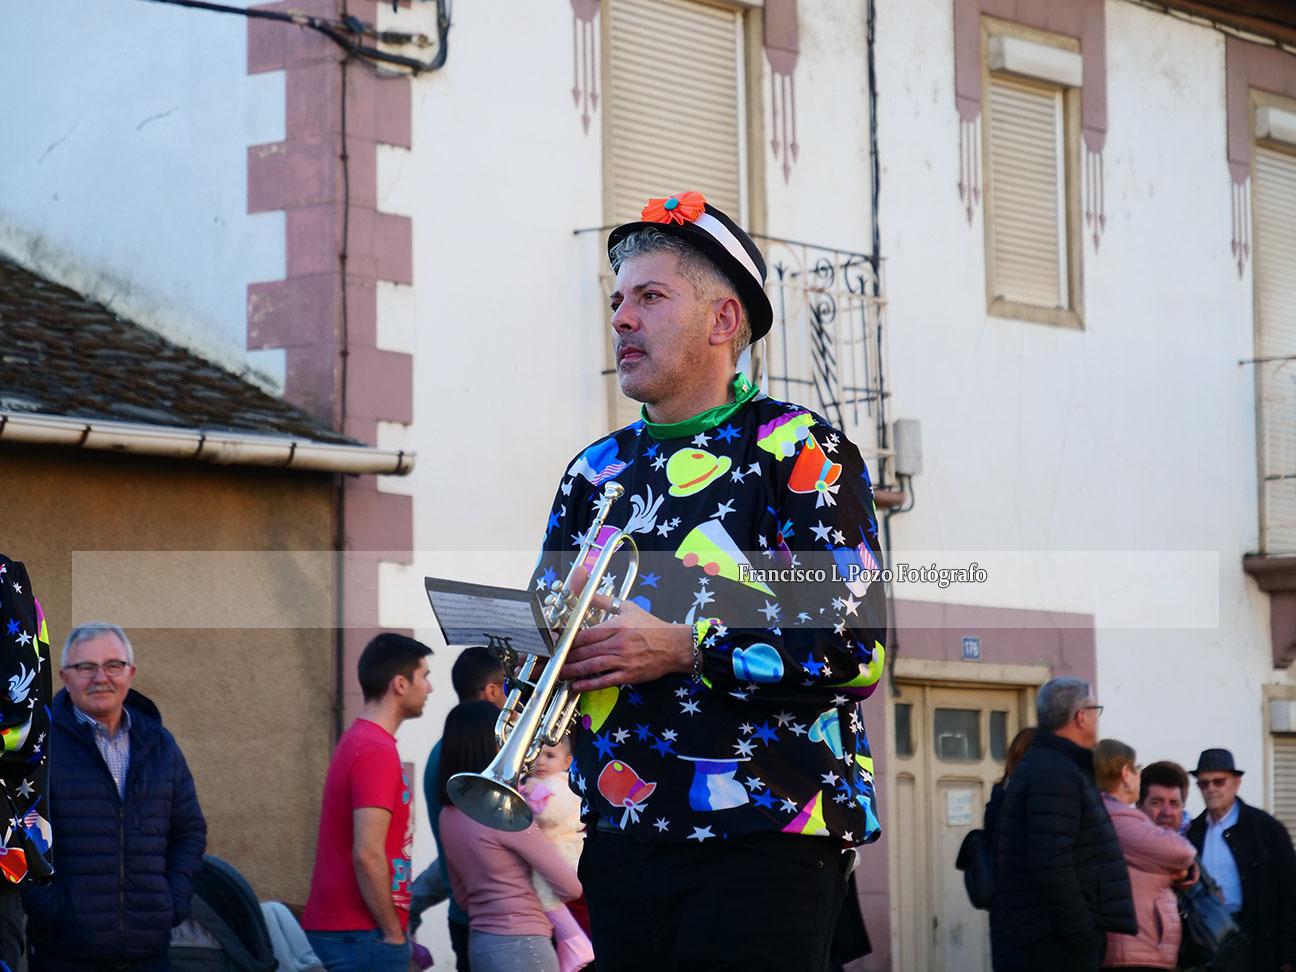 Carnaval 2020: Camponaraya sale a la calle a ritmo de comparsa 55